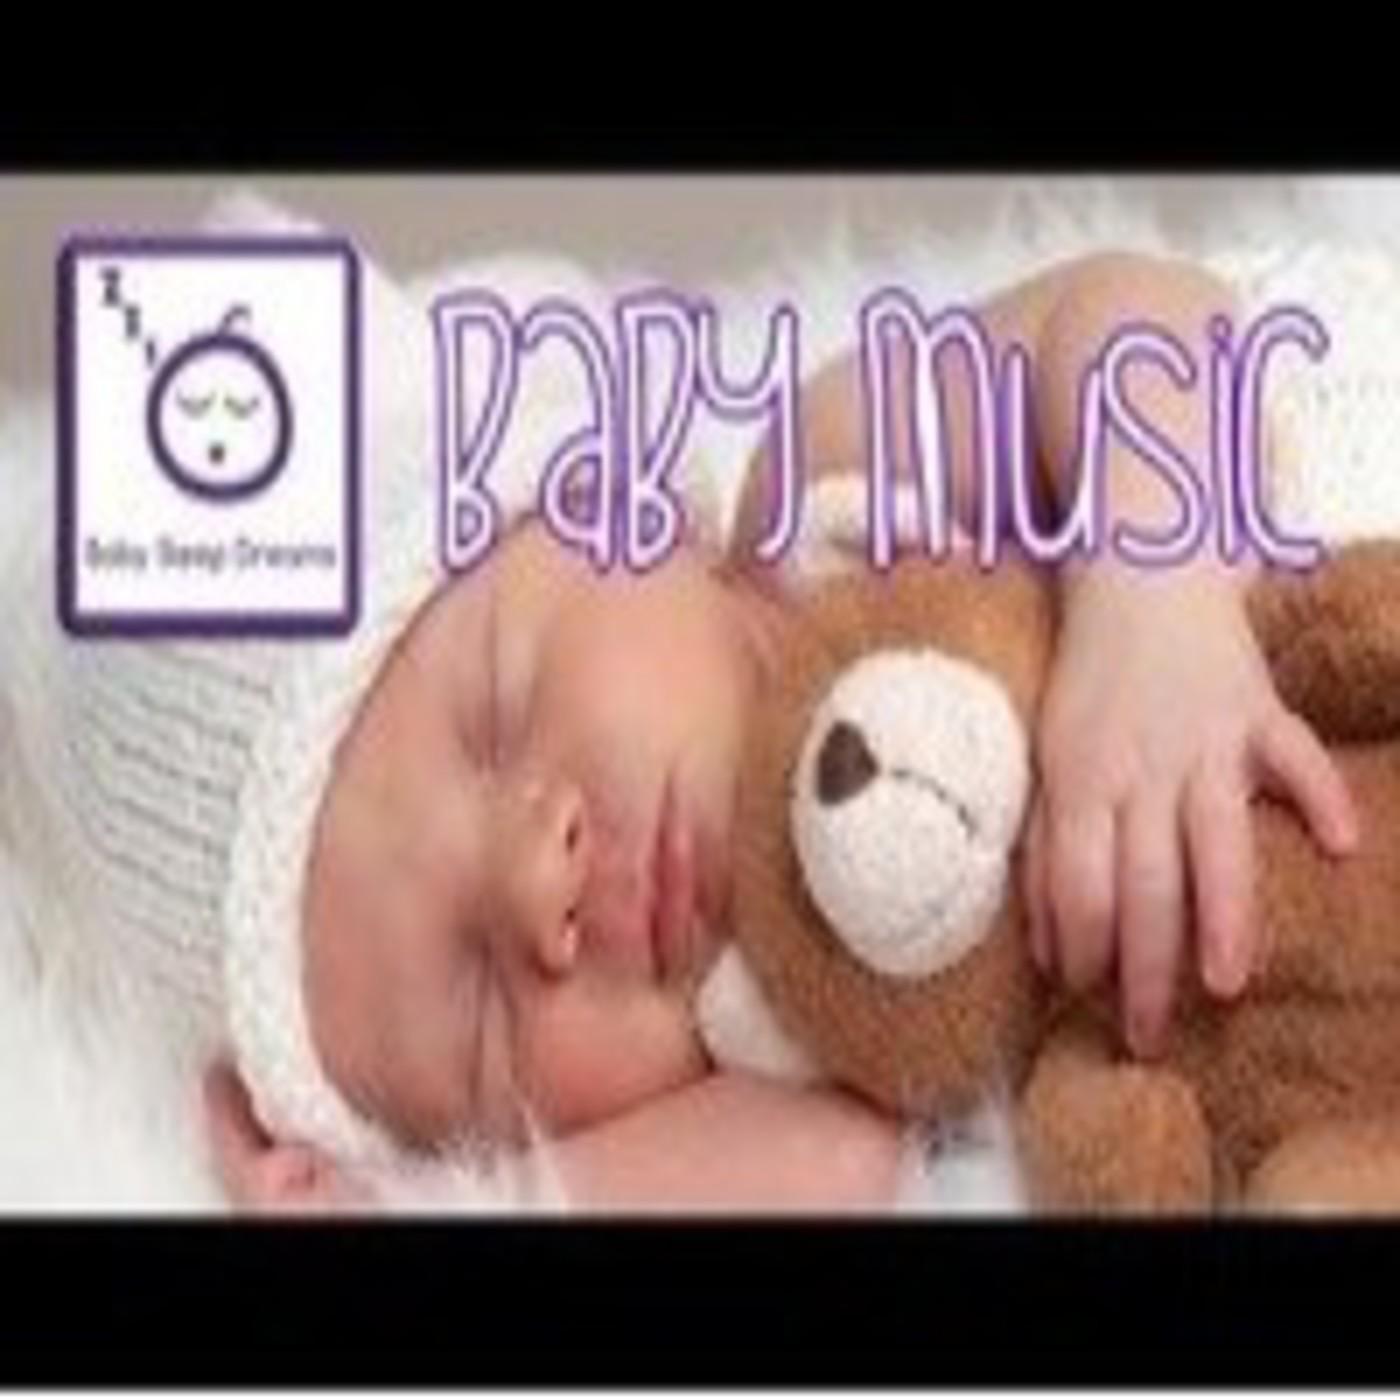 M sica de piano relajante para ayudar a dormir profundamente a los ni os en meditaci n y - Aromas para dormir profundamente ...